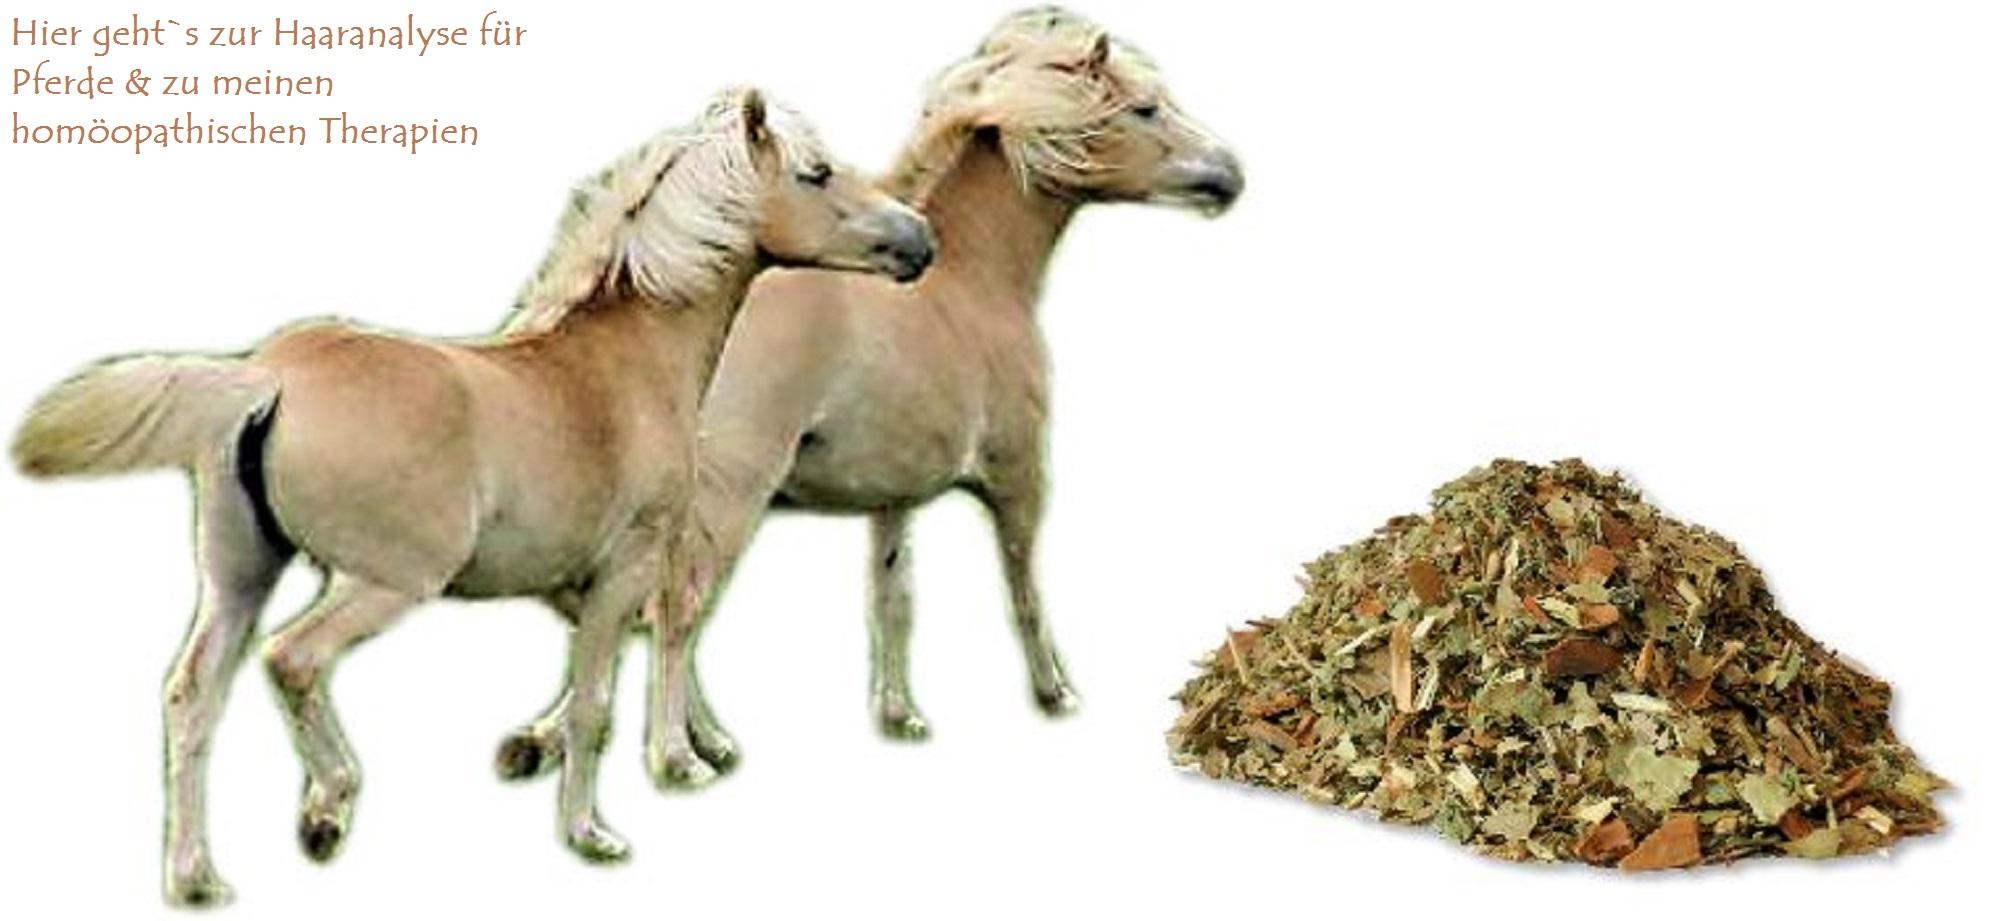 Pferde mit Equinem metabolischen Syndrom